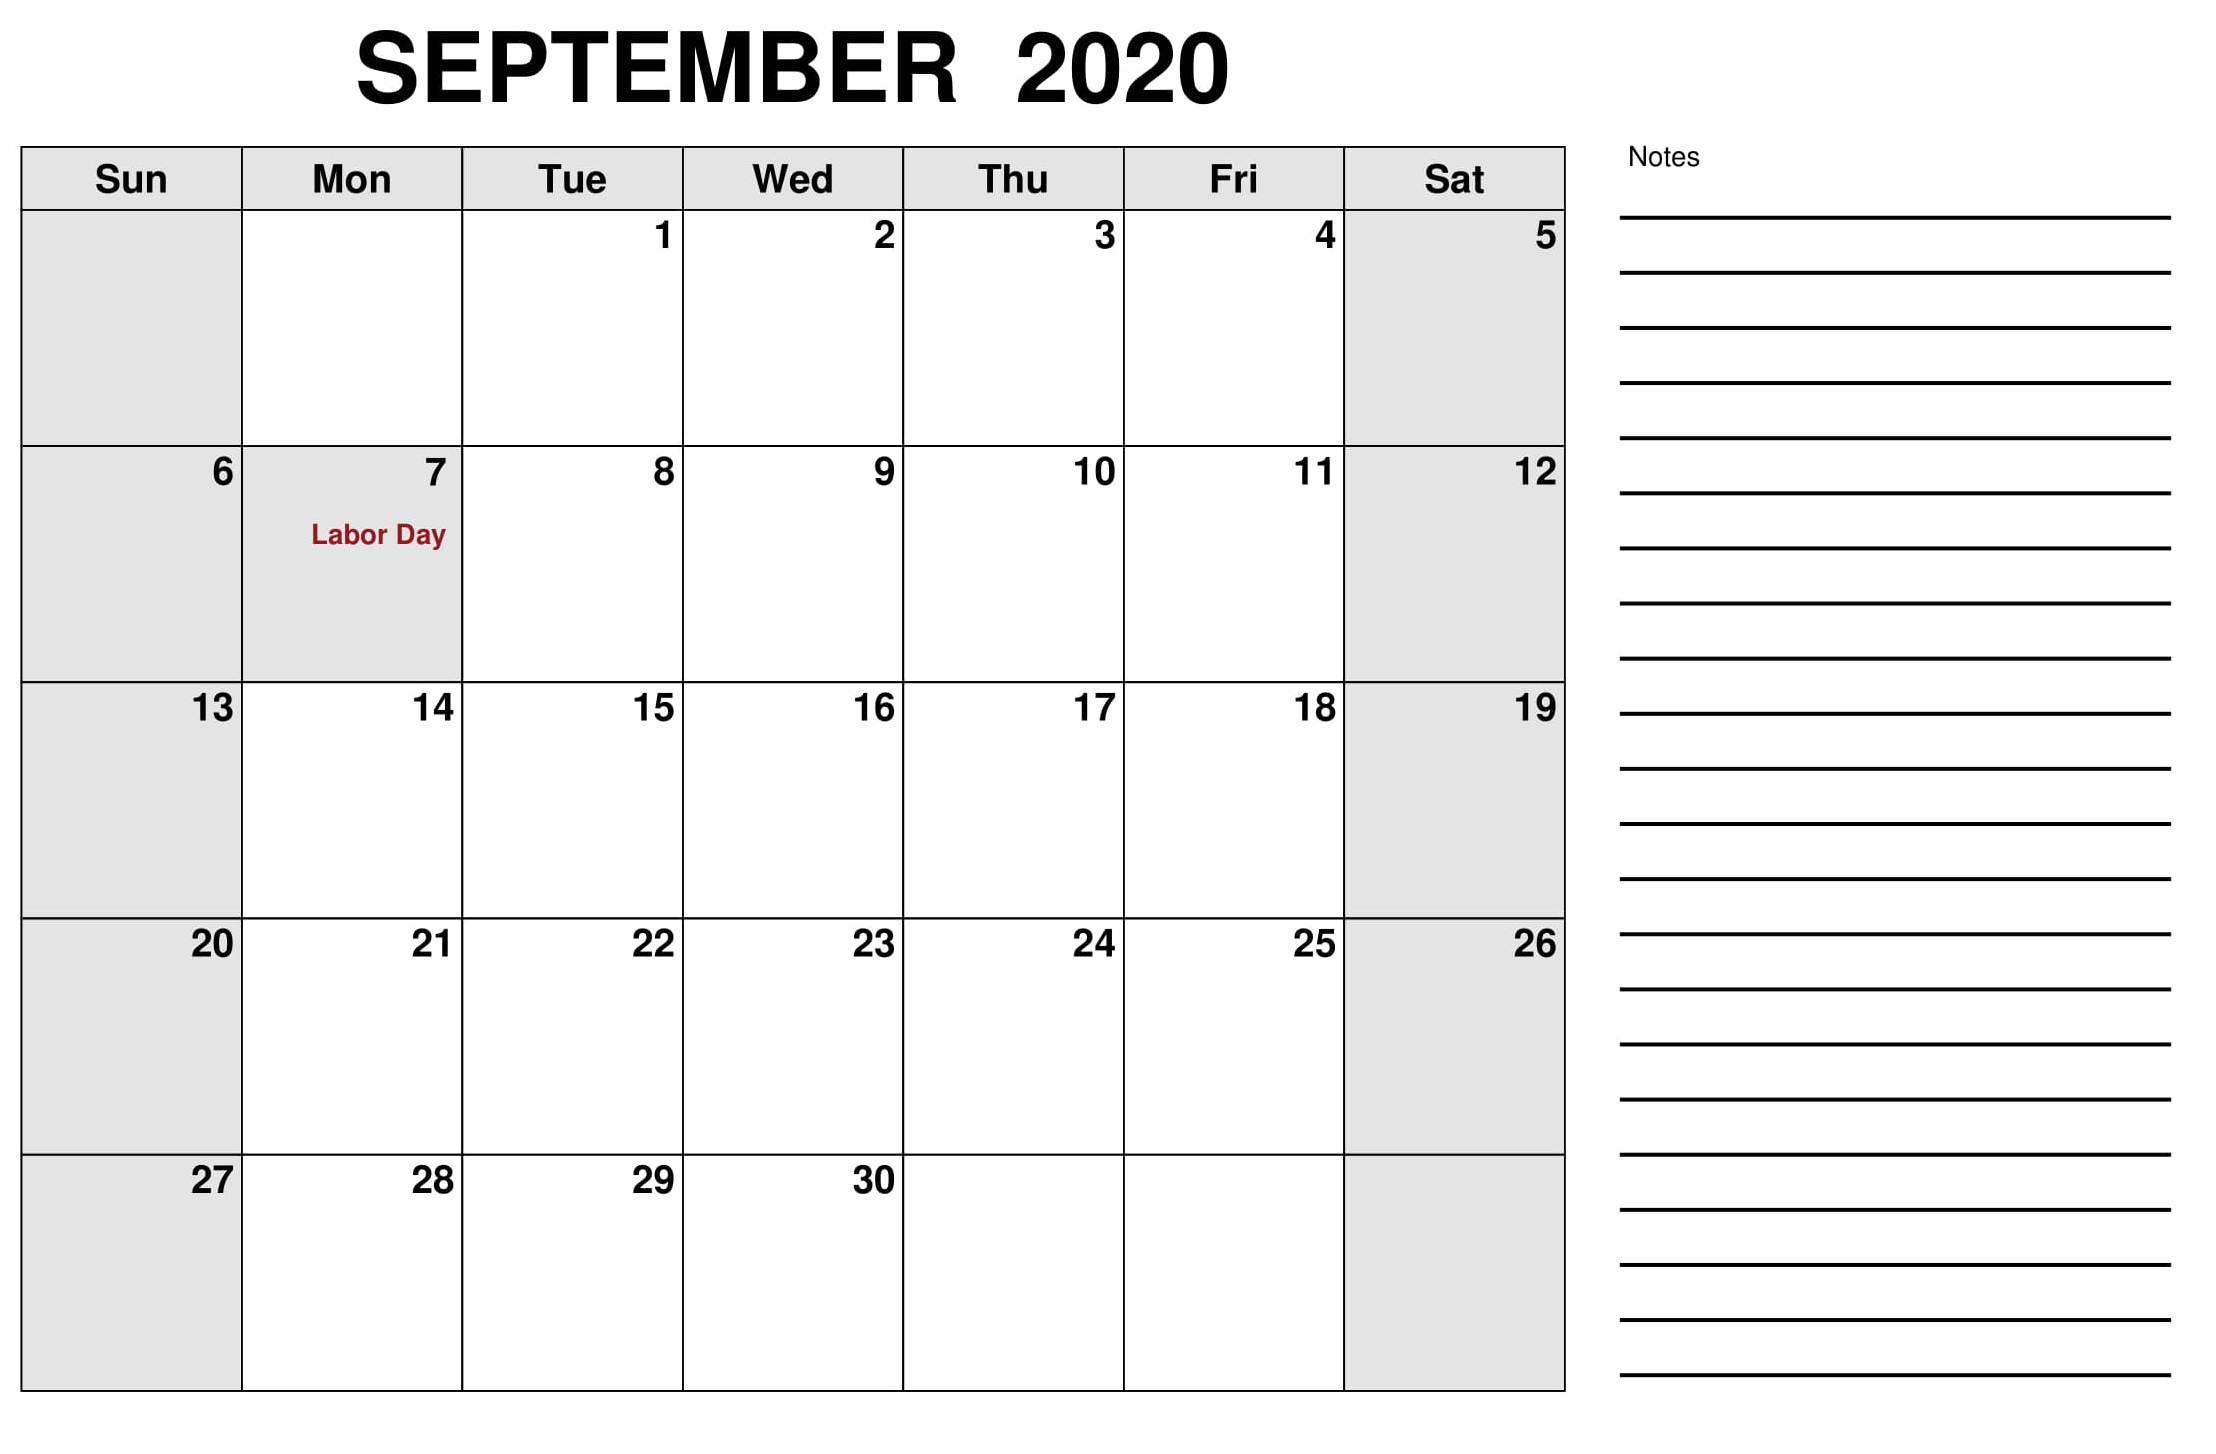 September 2020 Calendar Sheet